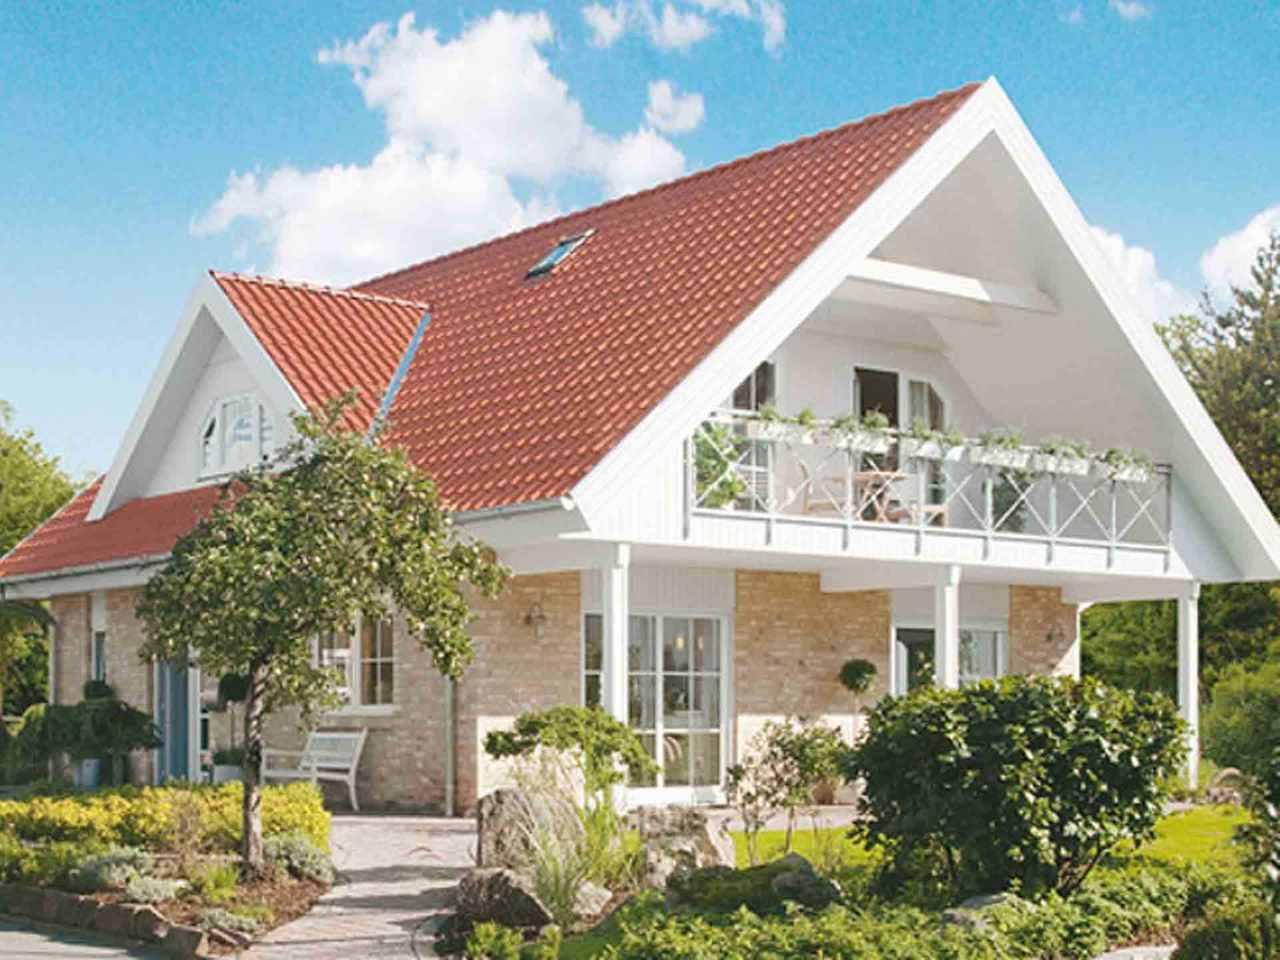 1Liter-Haus Stockholm - Danhaus Außenansicht